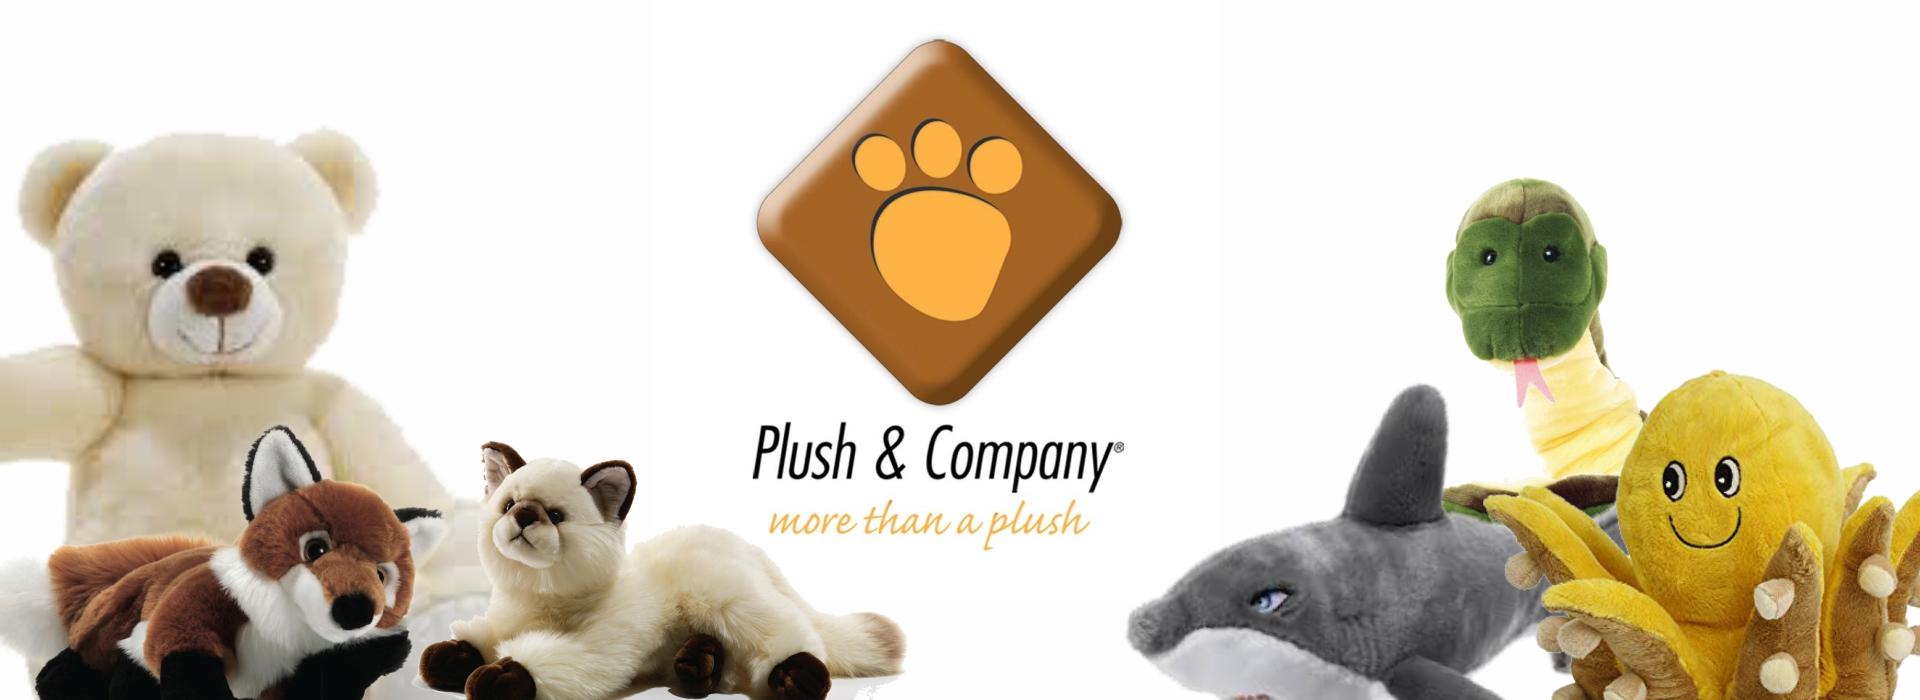 Plush & Company animali di peluche